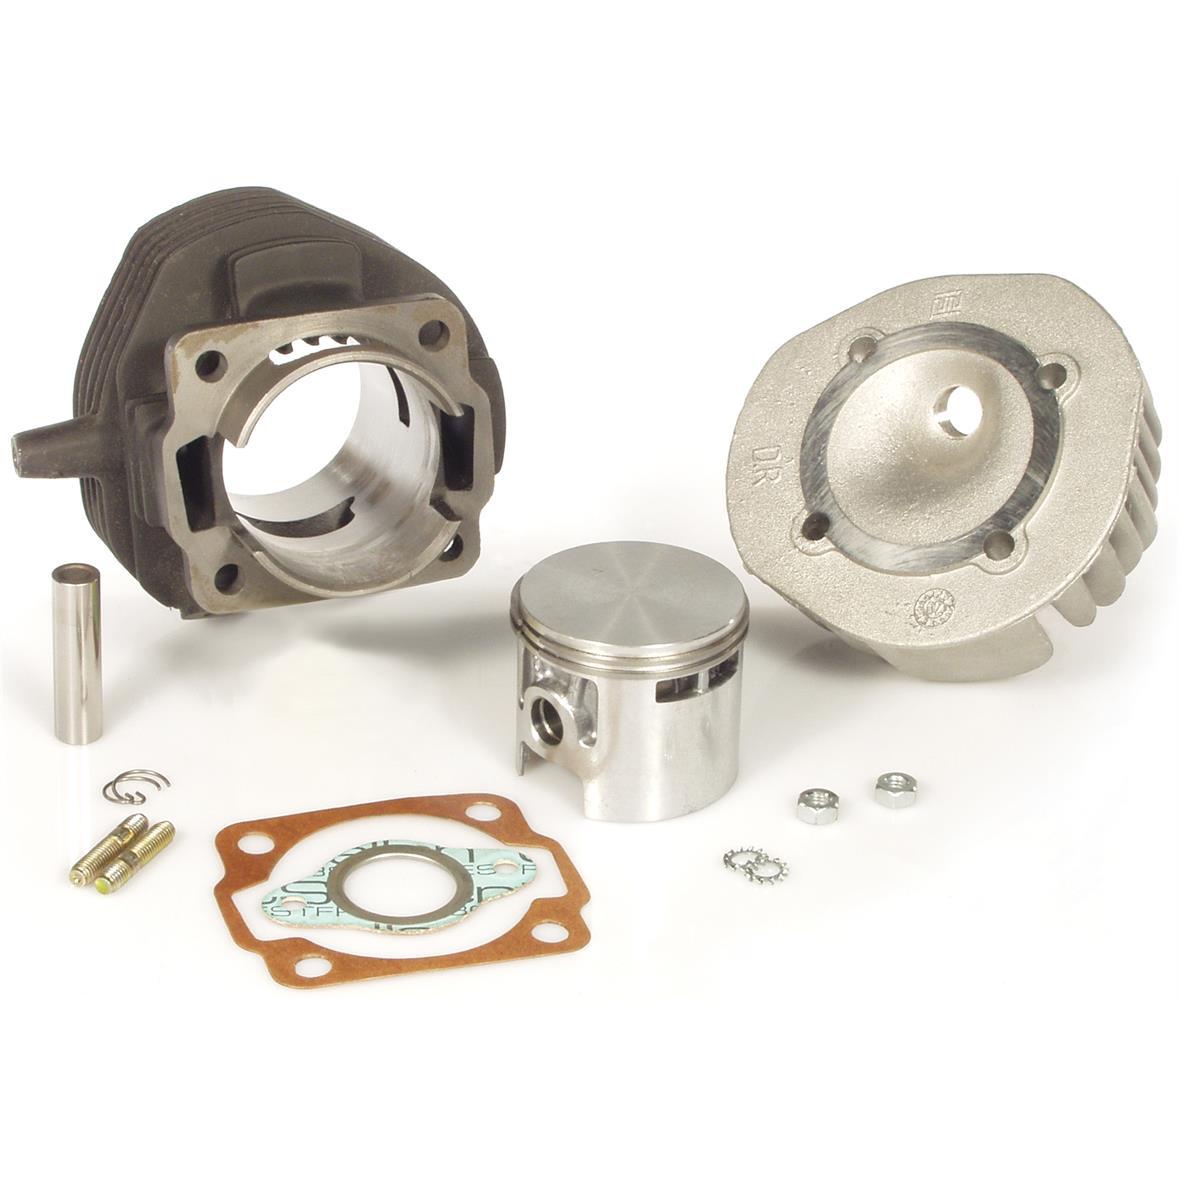 Image du produit 'Cylindre Racing D.R. 102 cc'